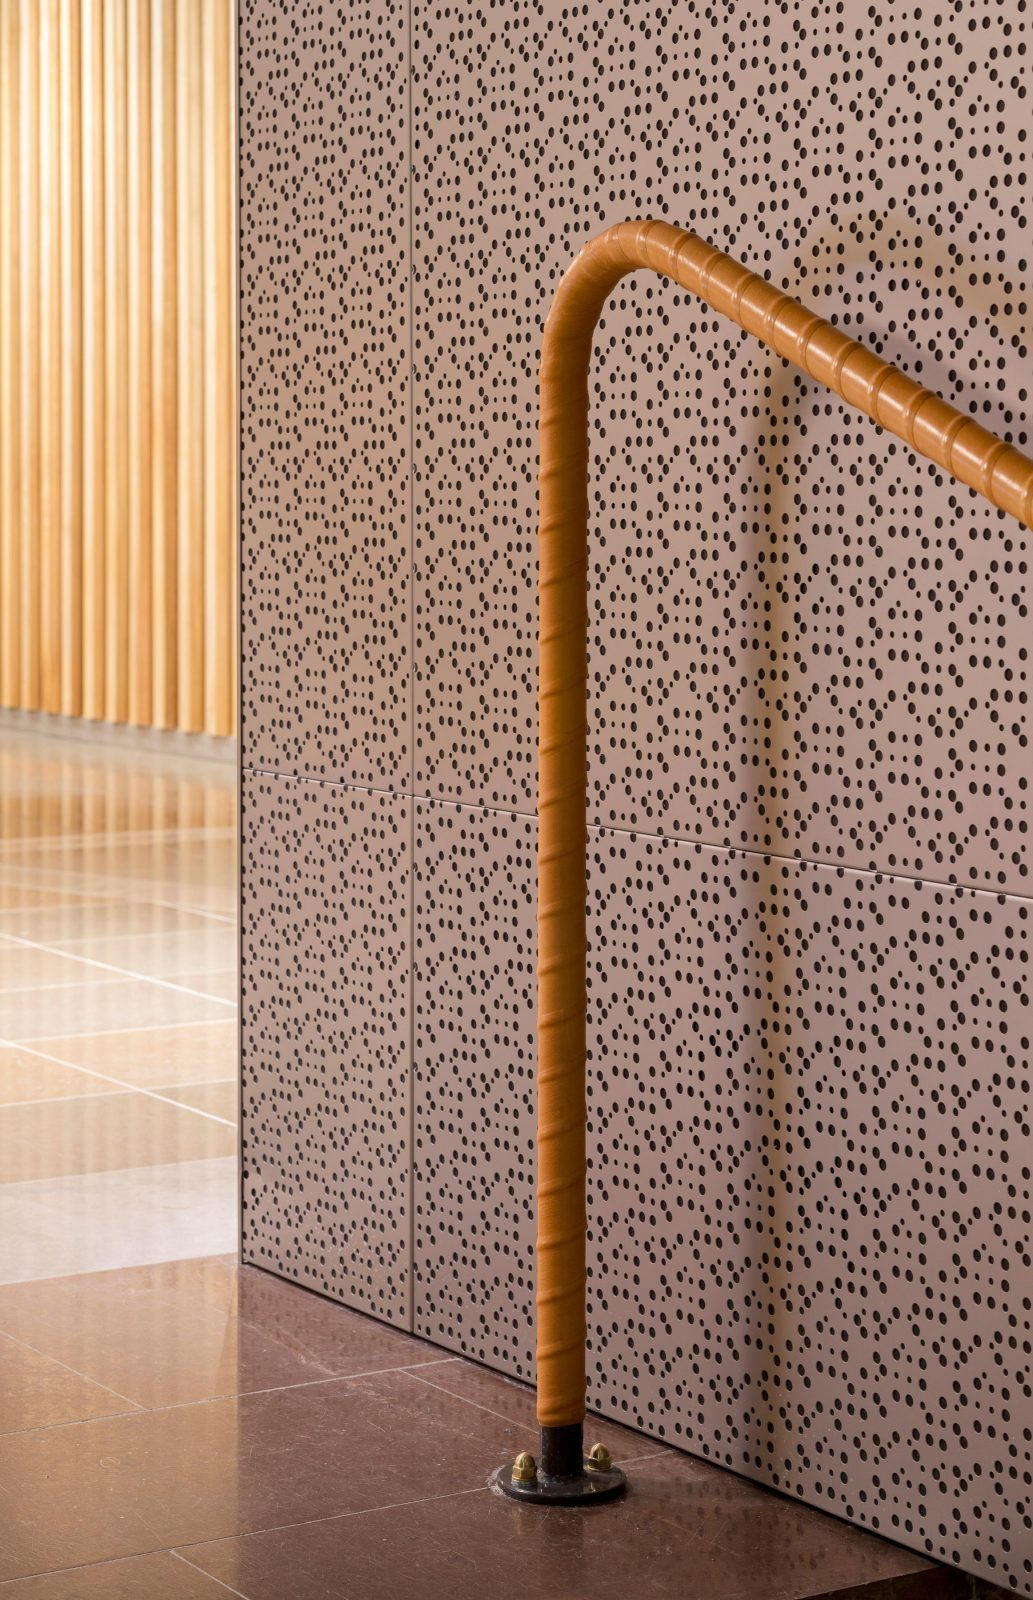 KjellanderSJoberg KlaraStrand detail handrail